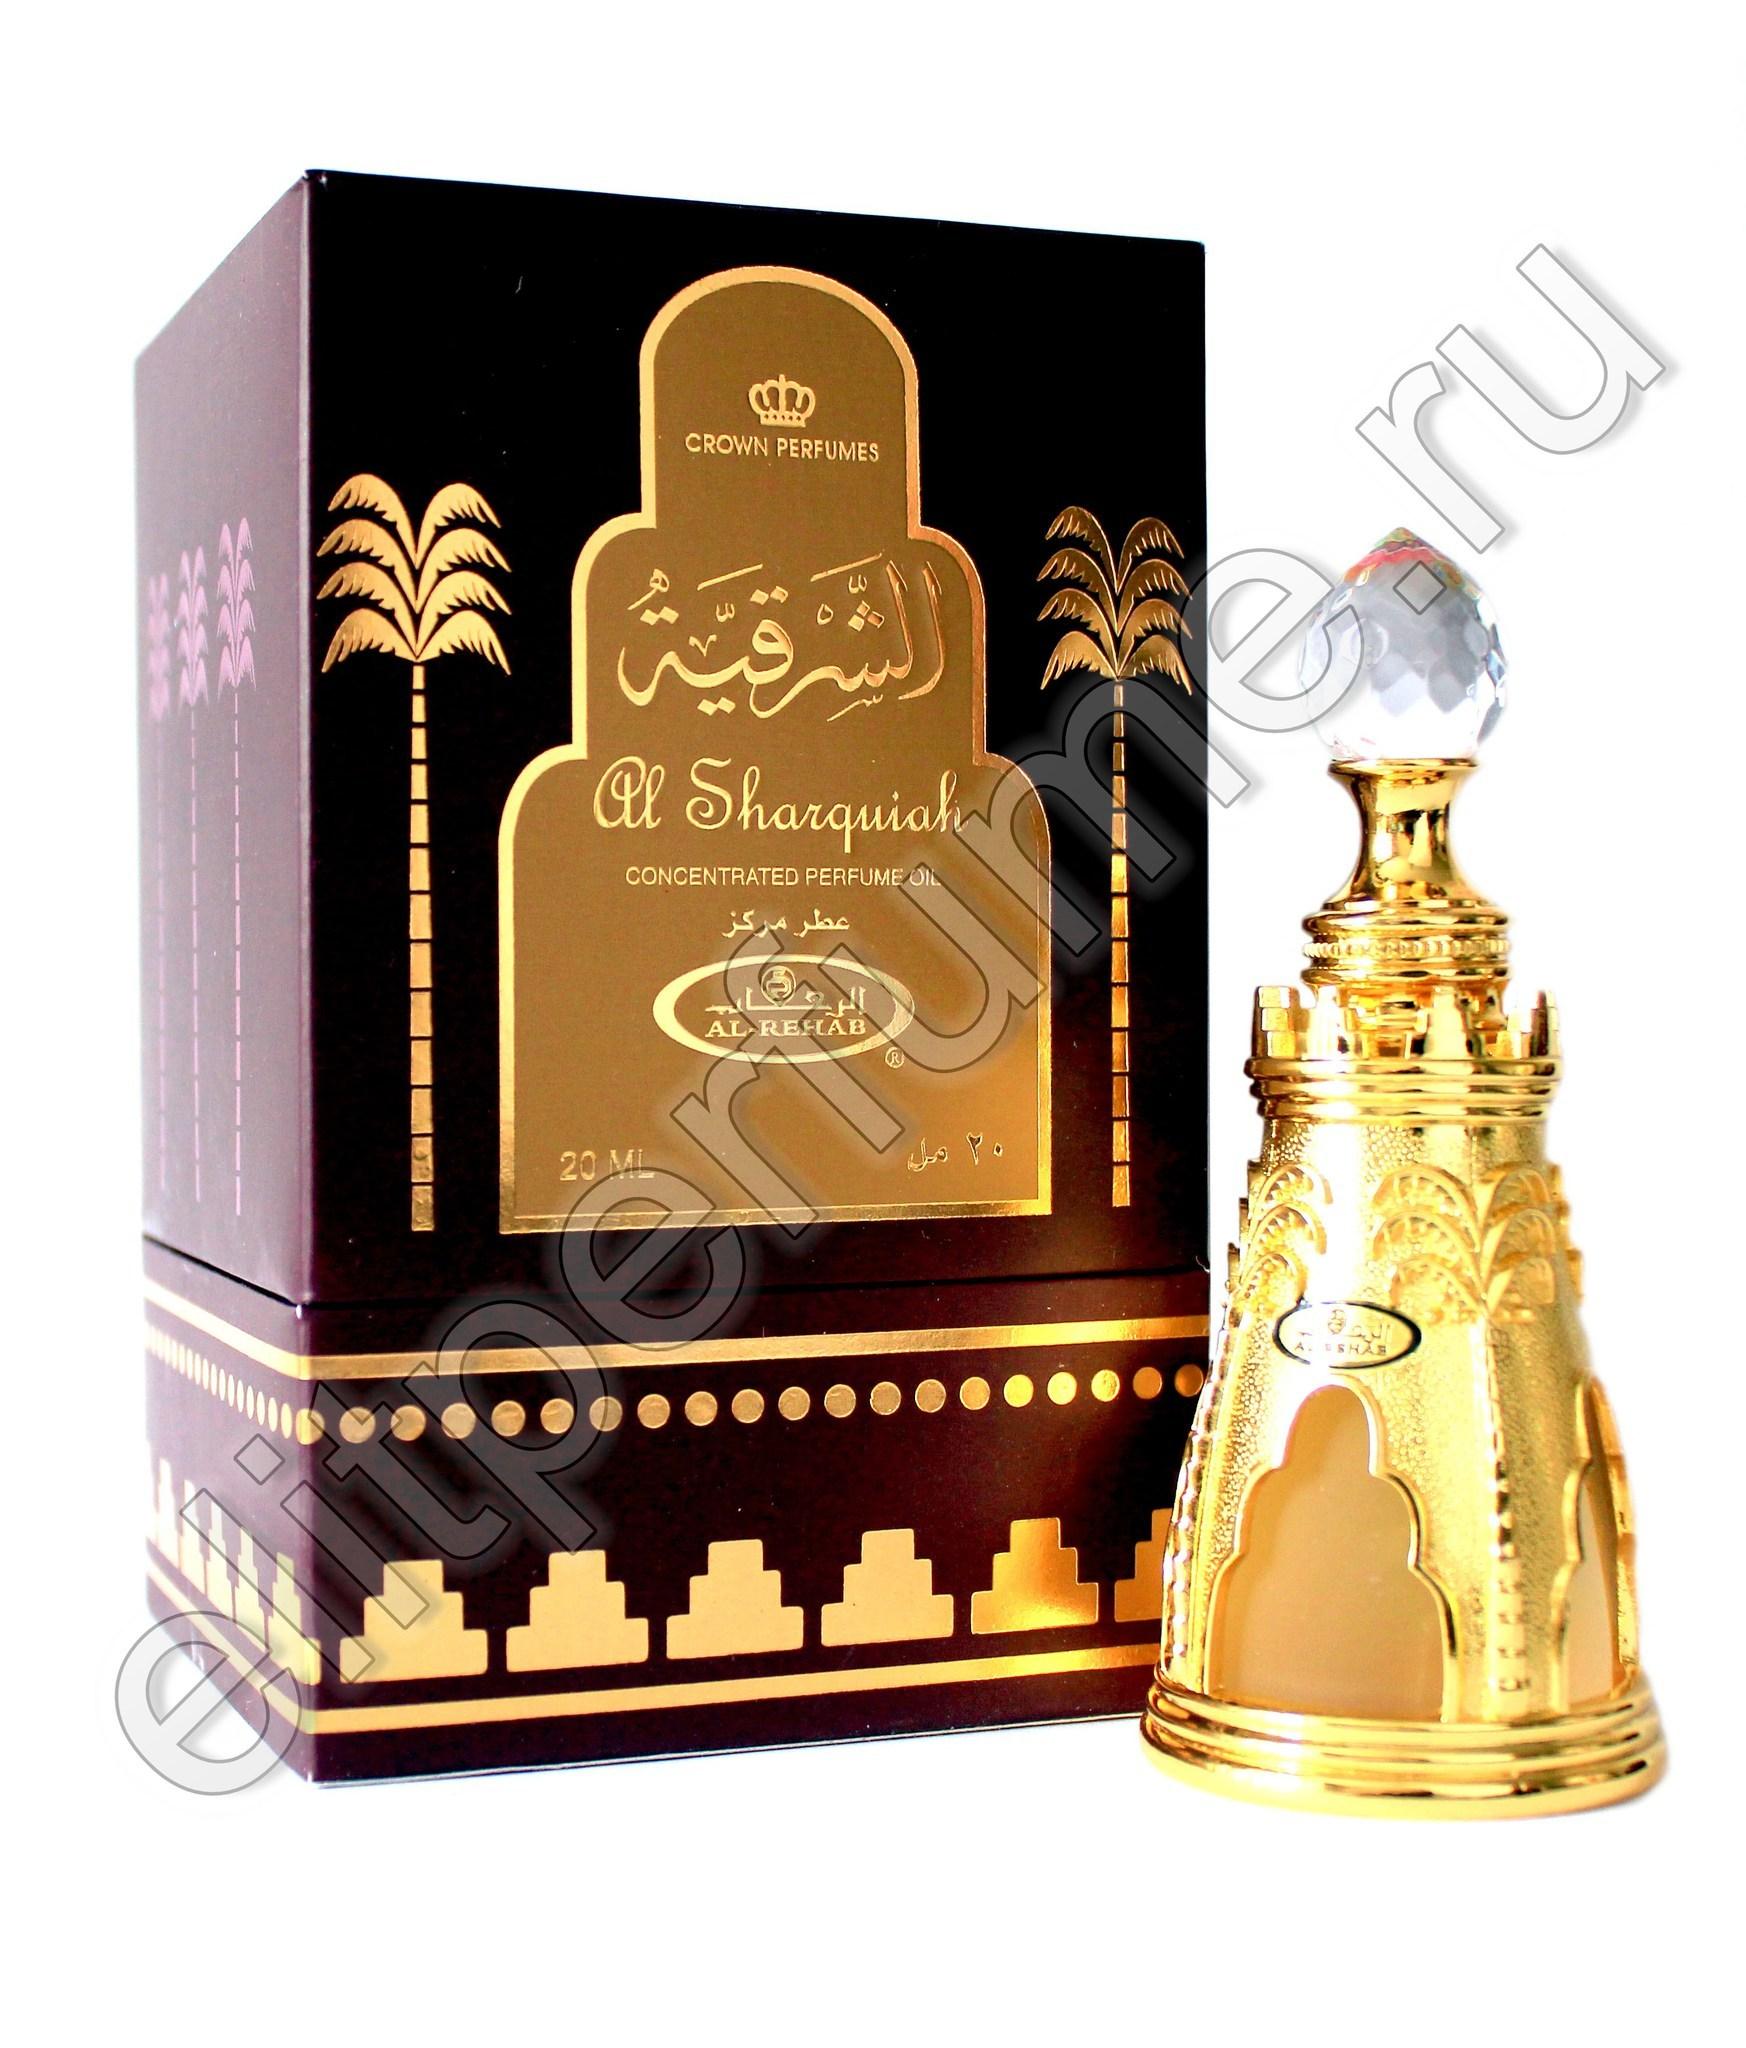 Пробник для Al Sharquiah 1 мл арабские масляные духи от Аль Рехаб Al Rehab